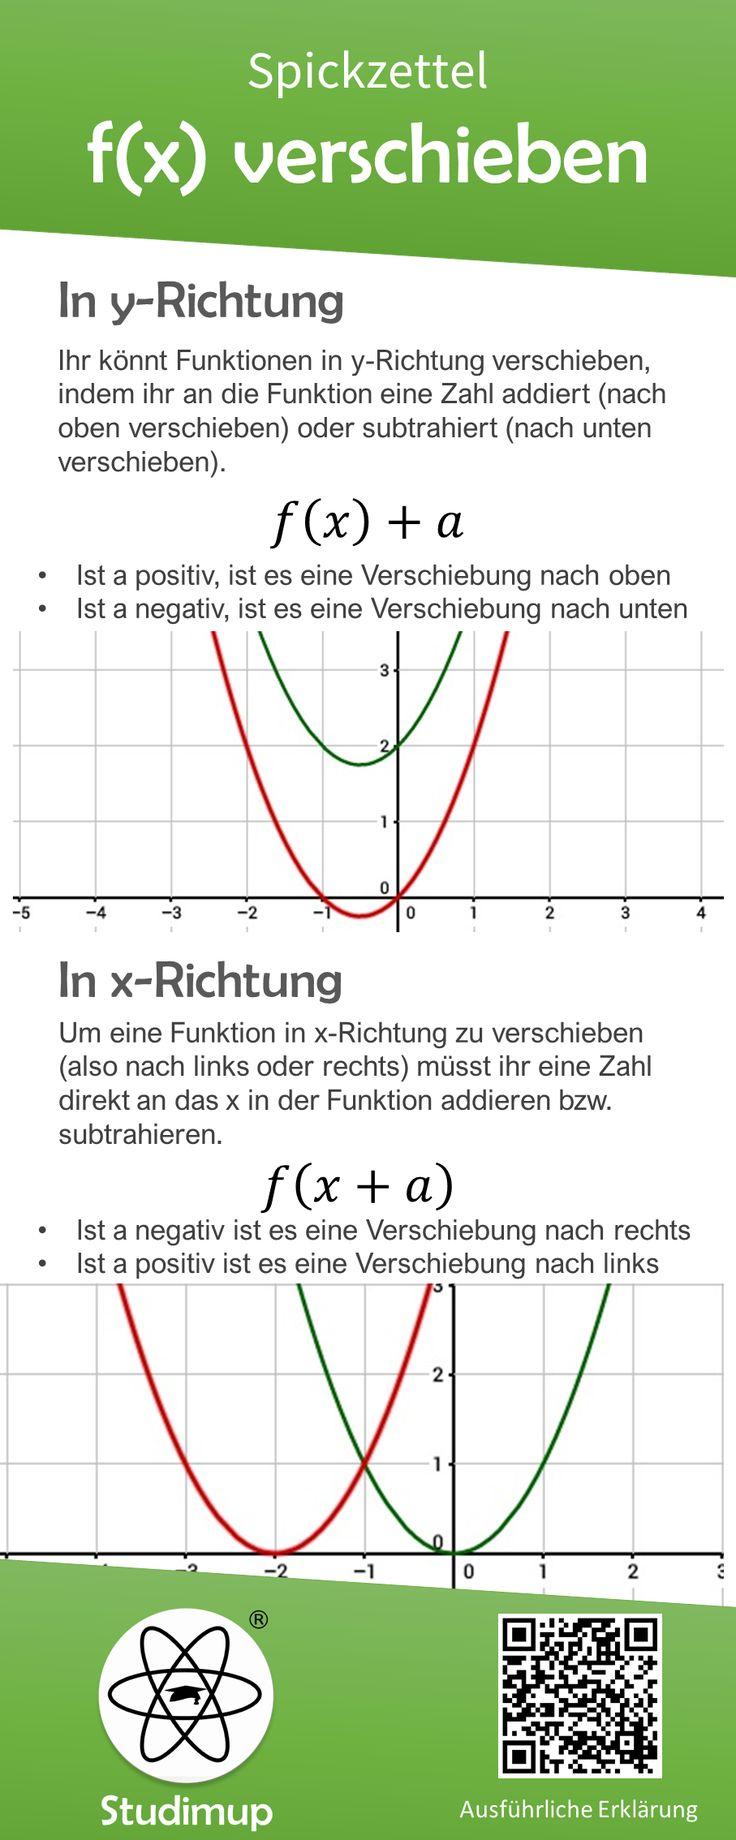 Funktionen Verschieben Spickzettel Spickzettel Nachhilfe Mathe Mathe Formeln